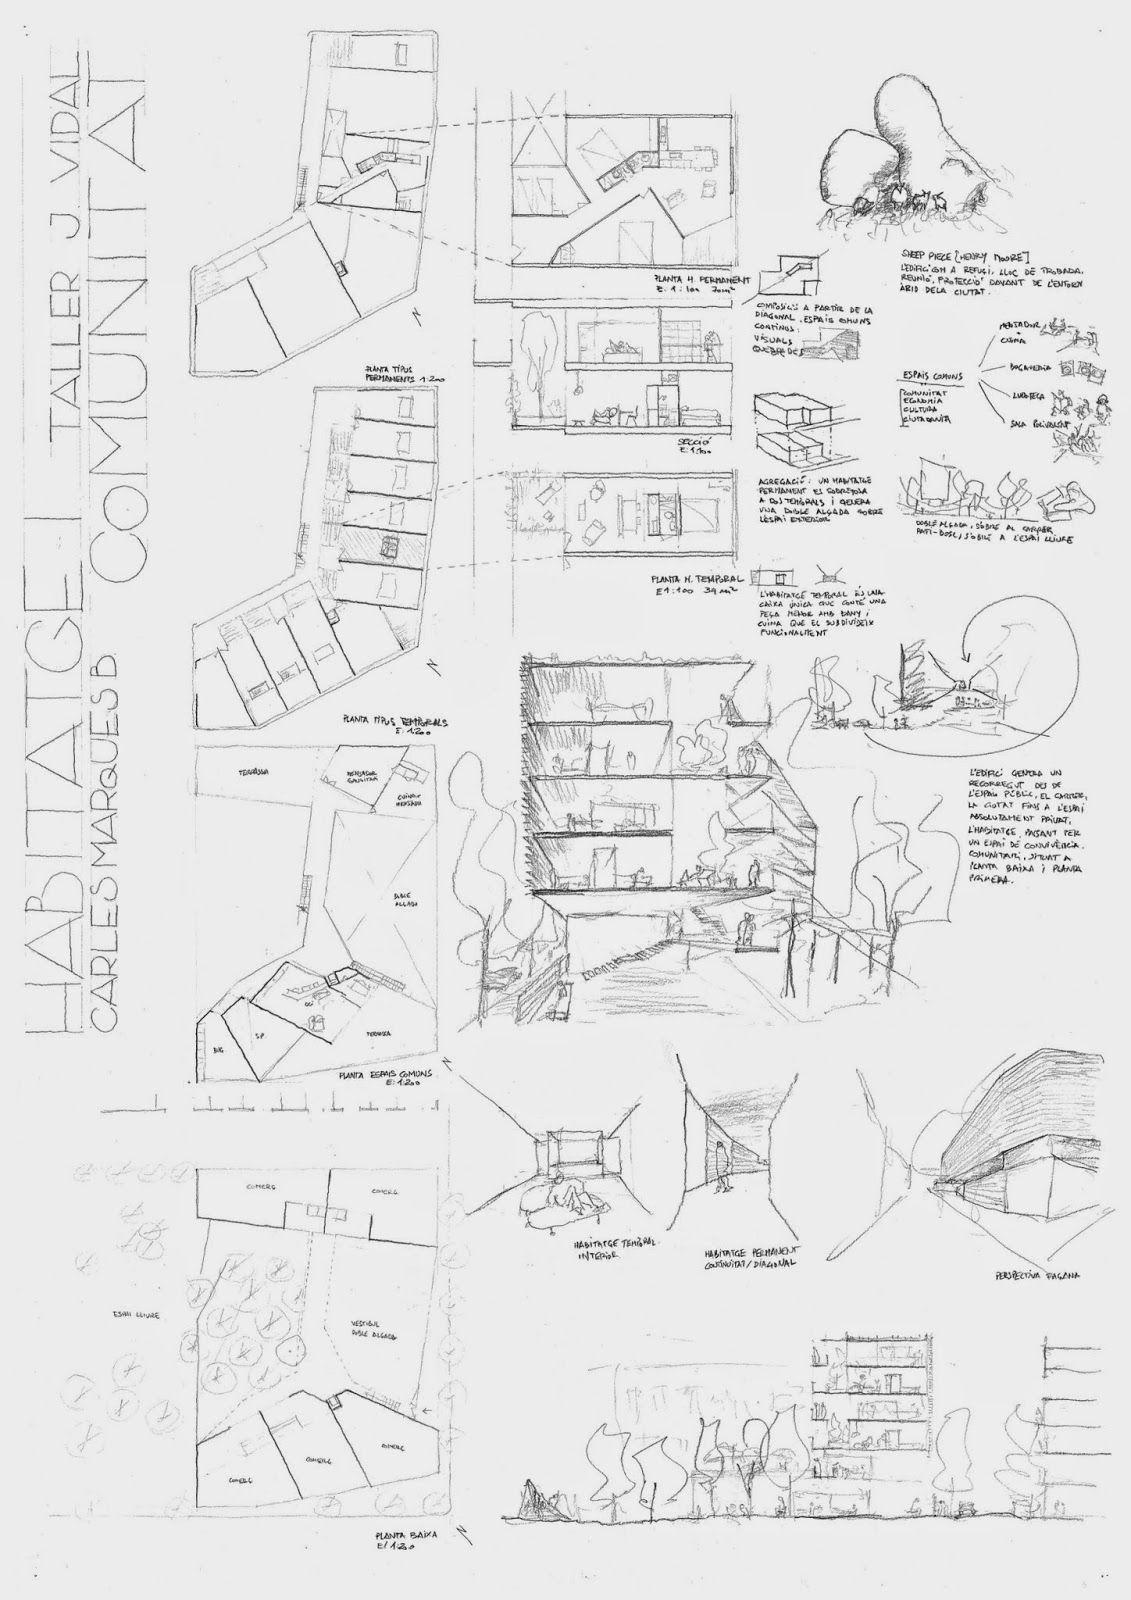 Lamina Dibujada A Mano Alzada De Un Proyecto De Arquitectura Cuaderno De Un Estudiante De